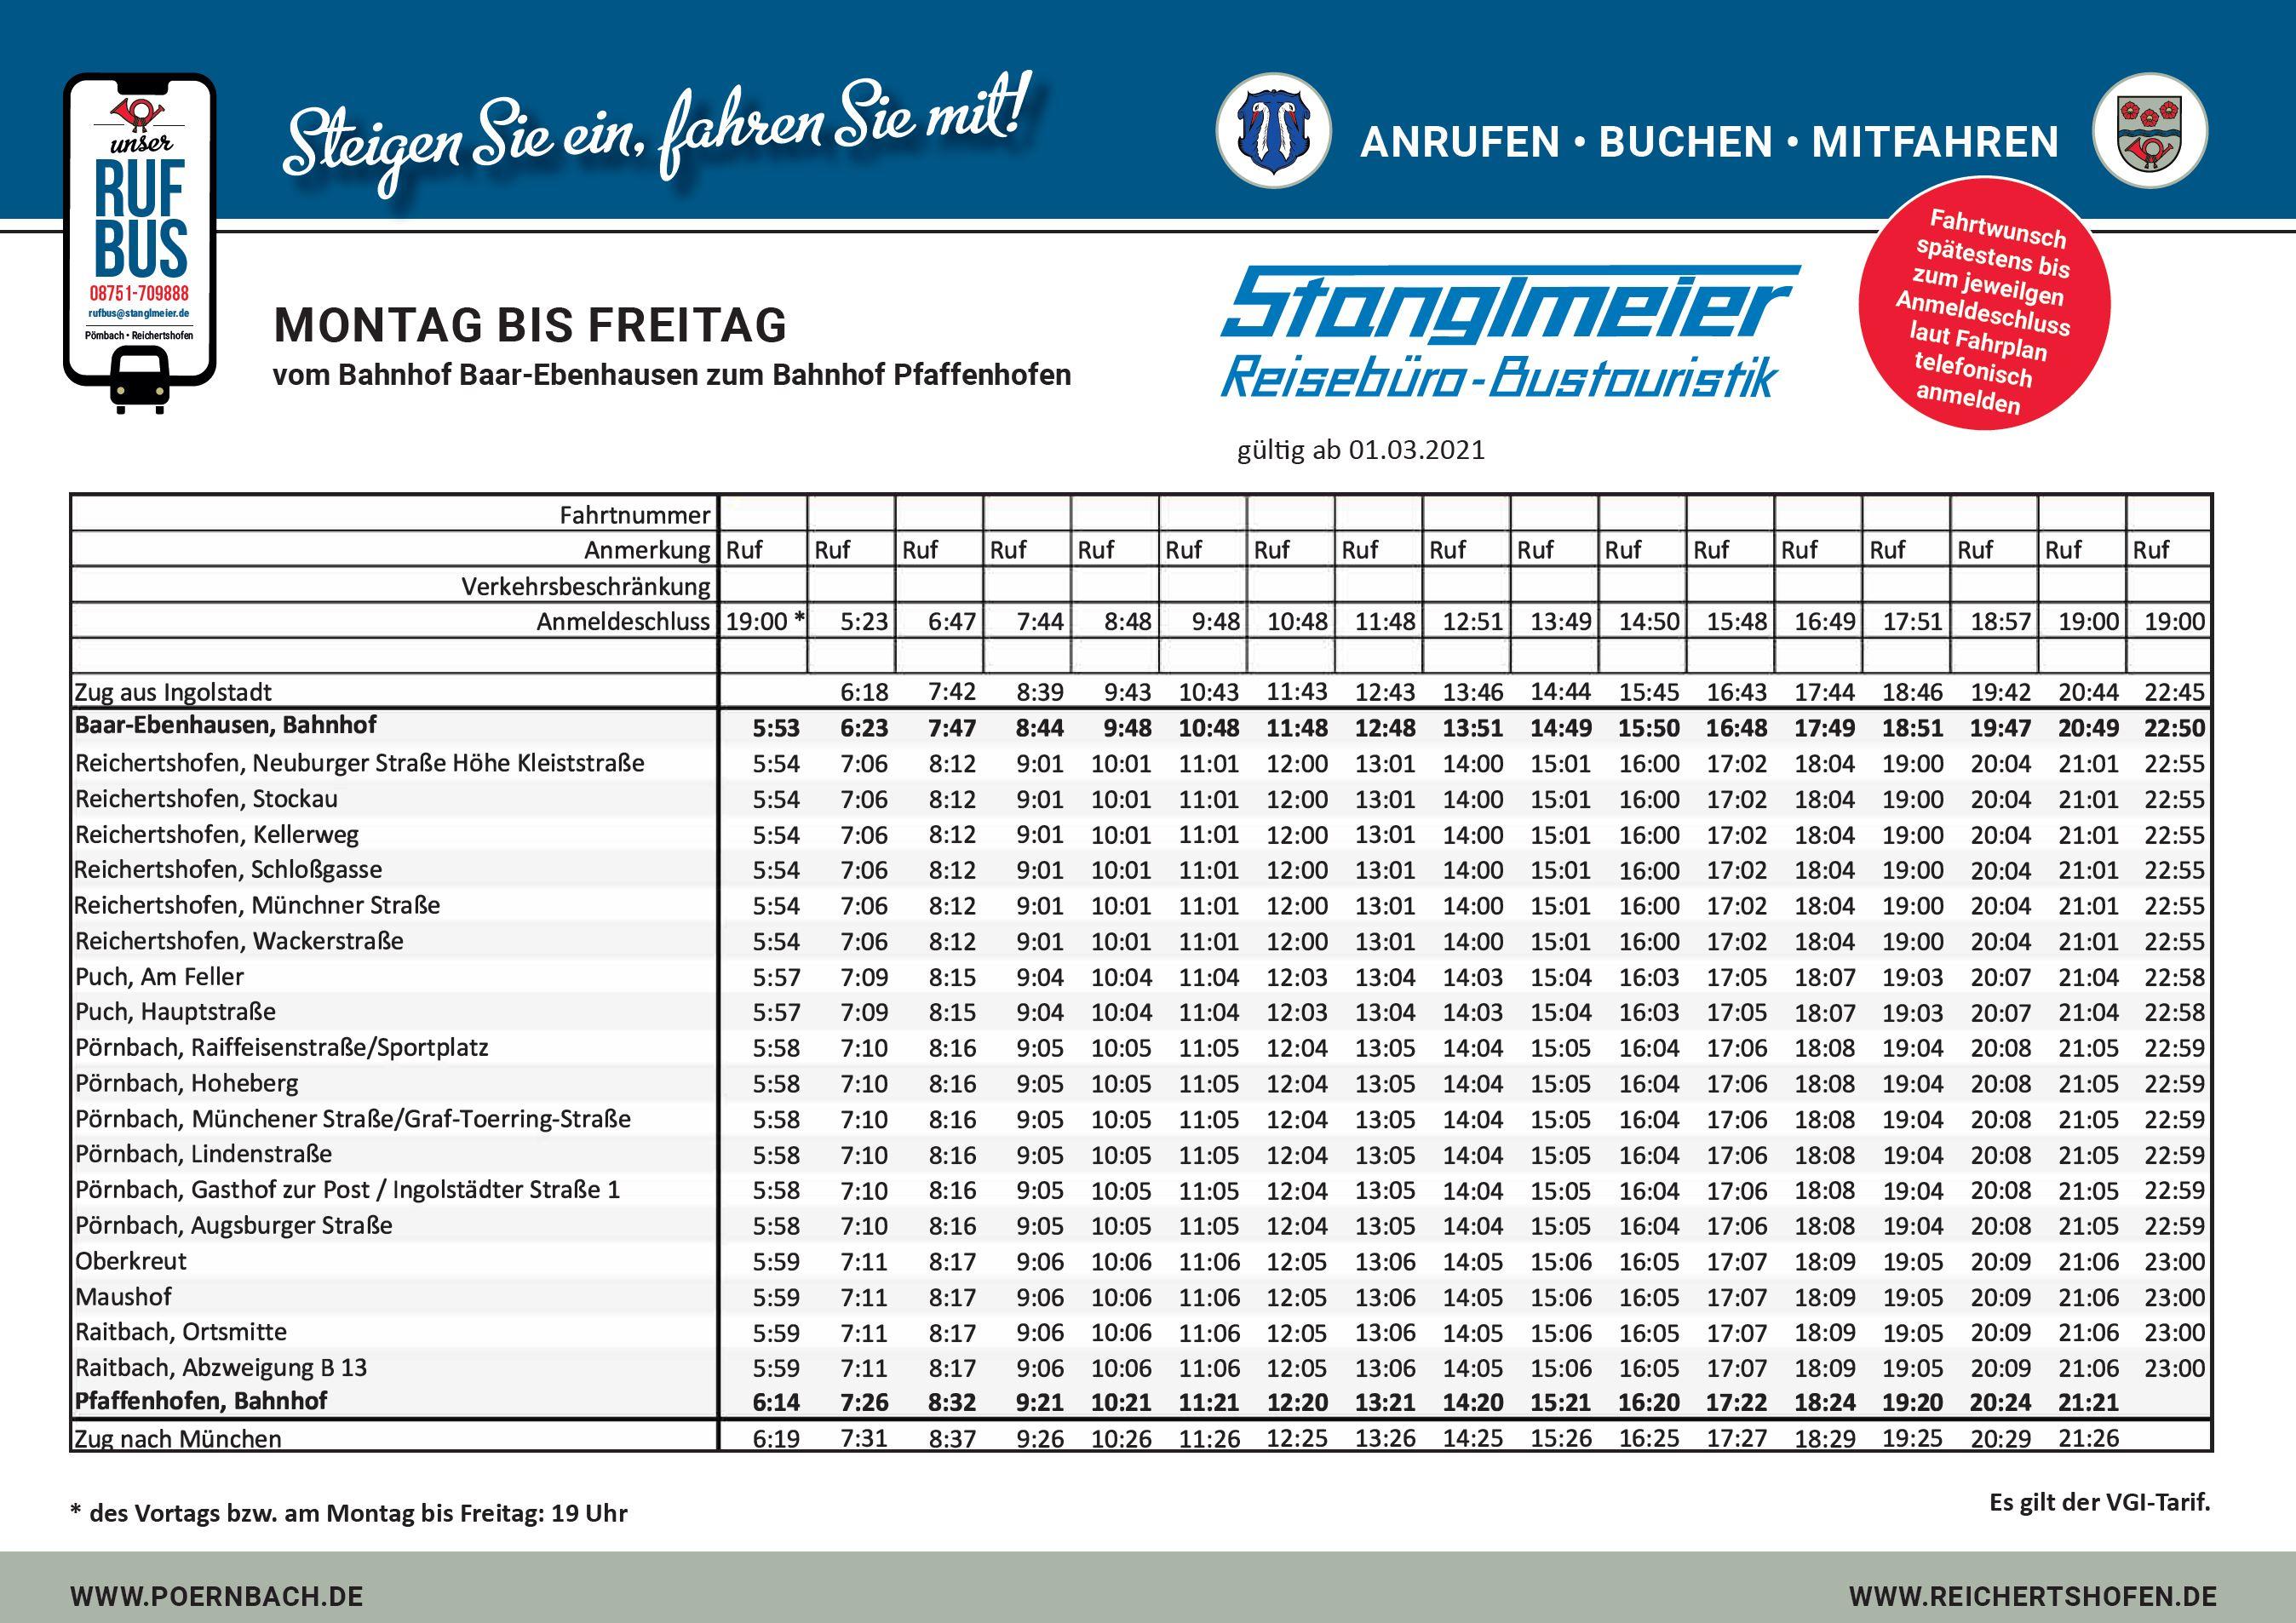 Rufbus Fahrplan Montag bis Freitag Baar-Ebenhausen Pfaffenhofen